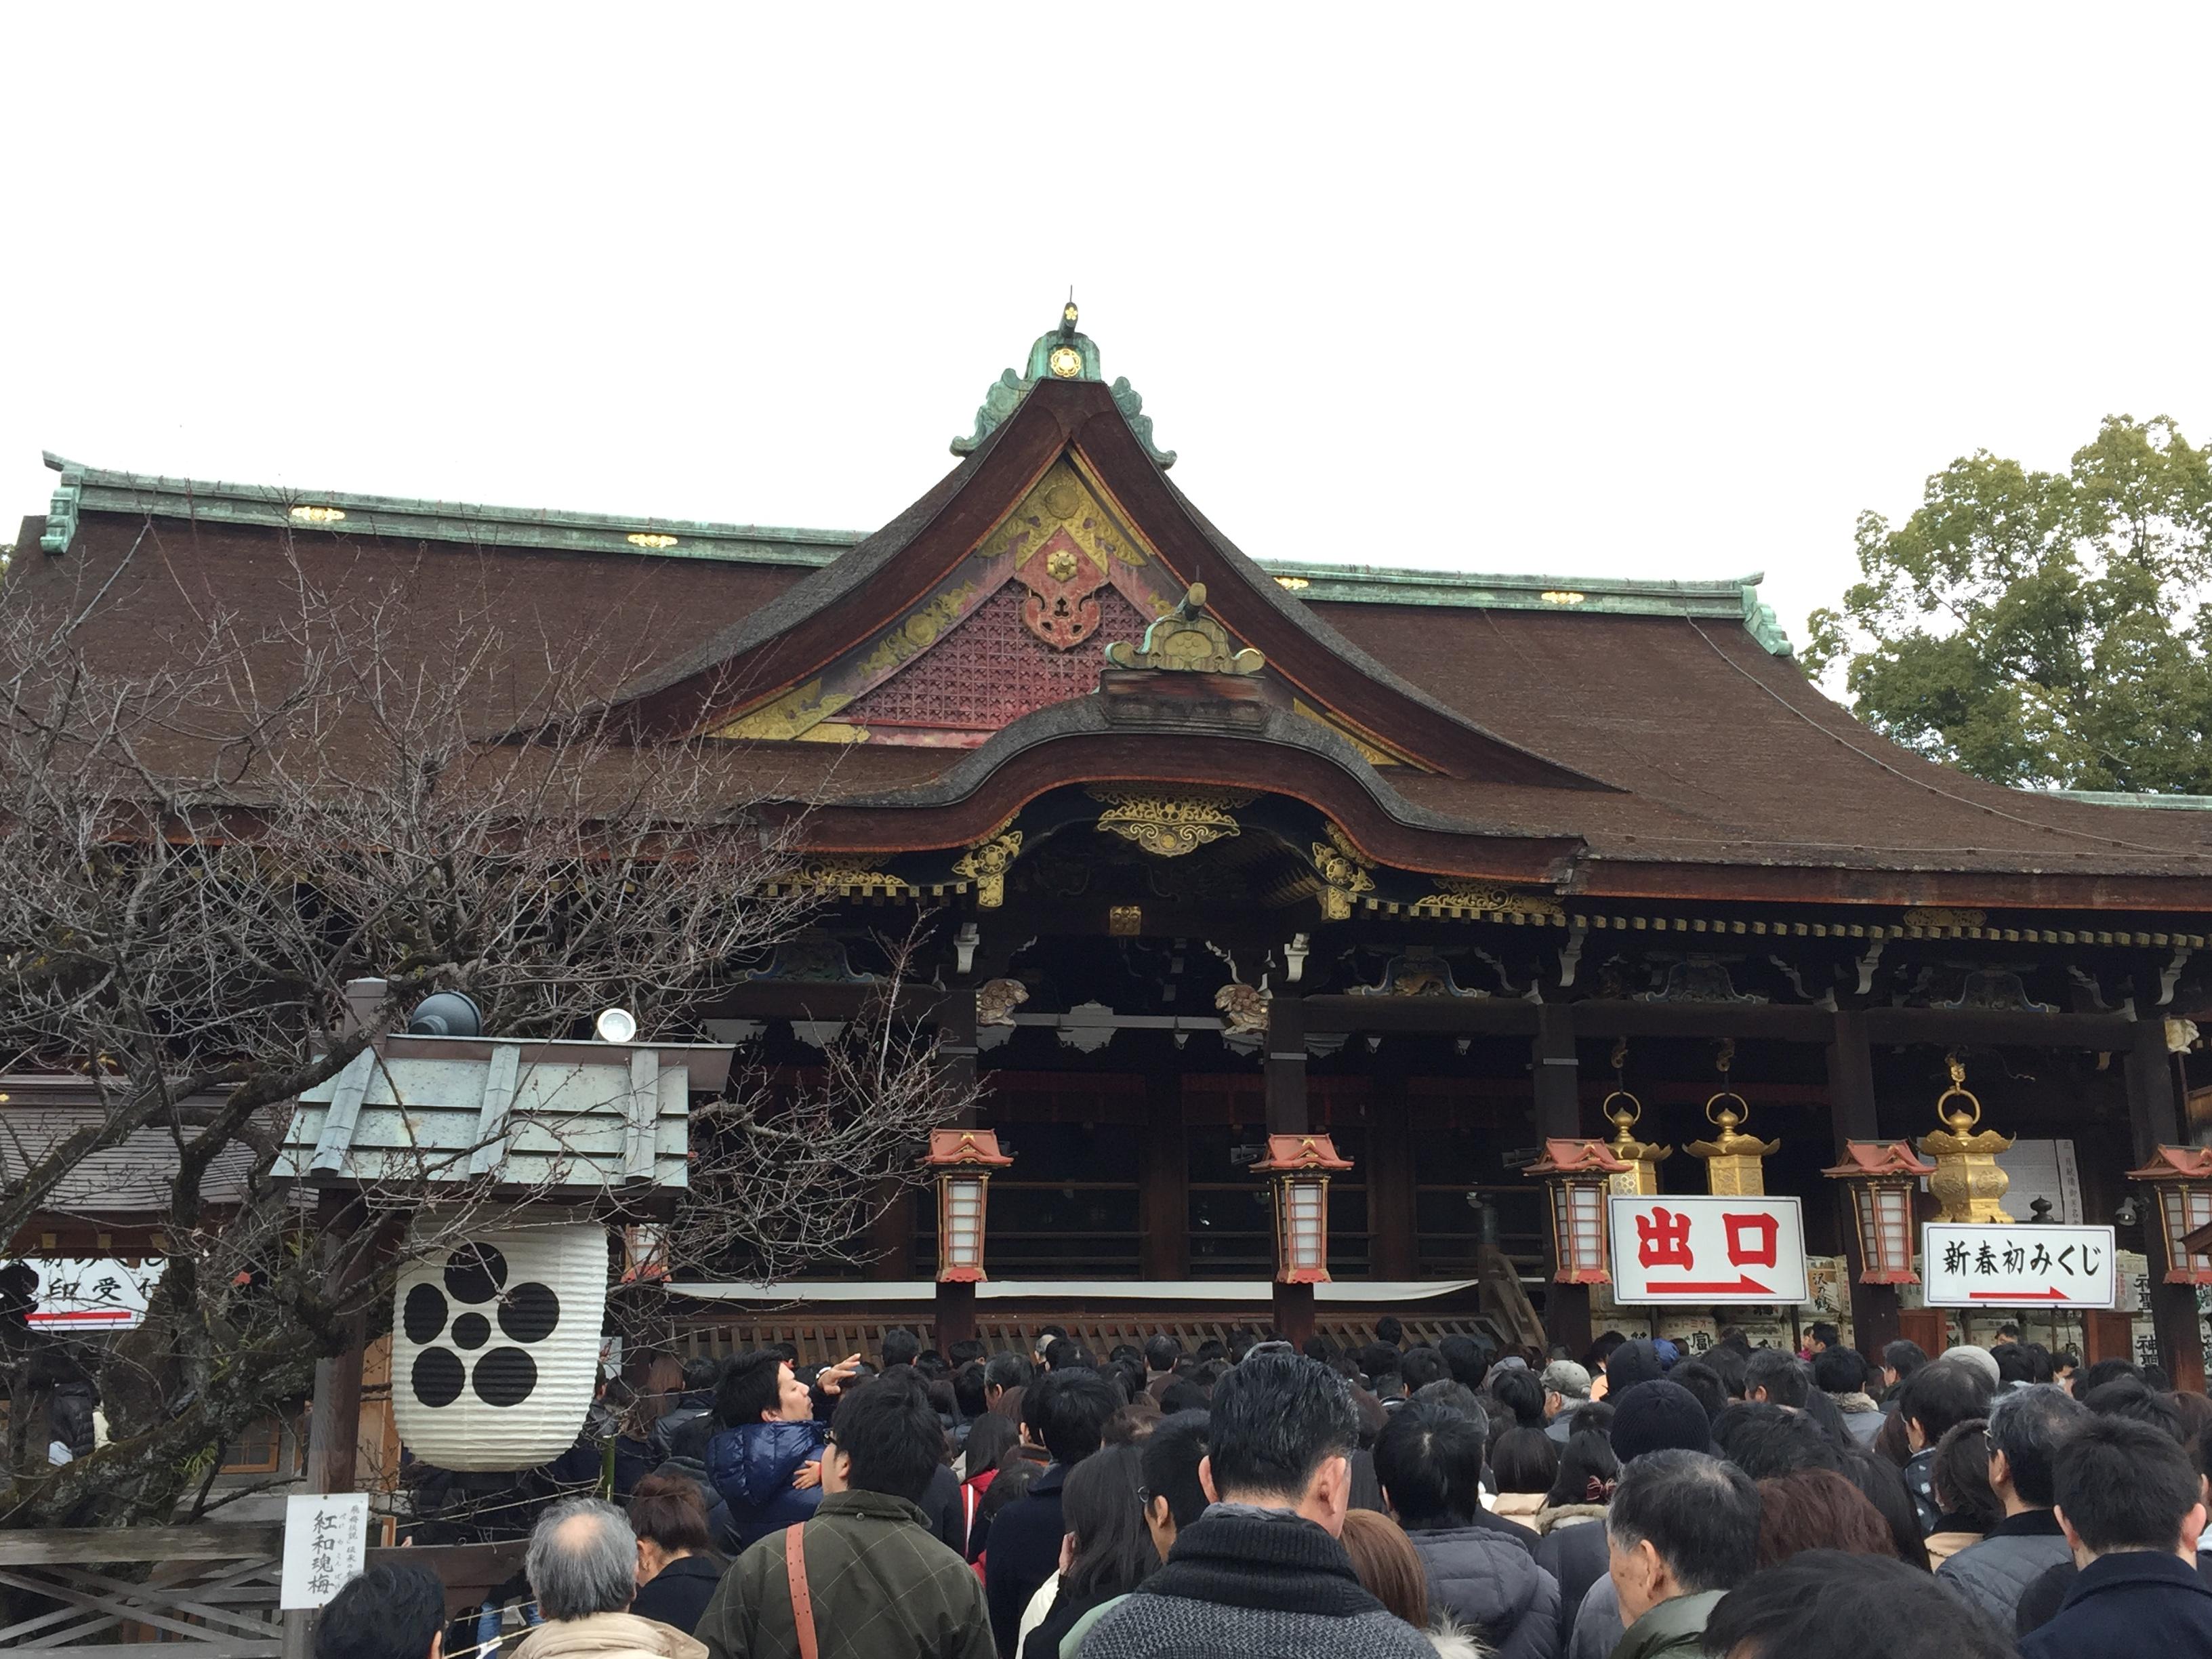 京都の初詣と言えば?